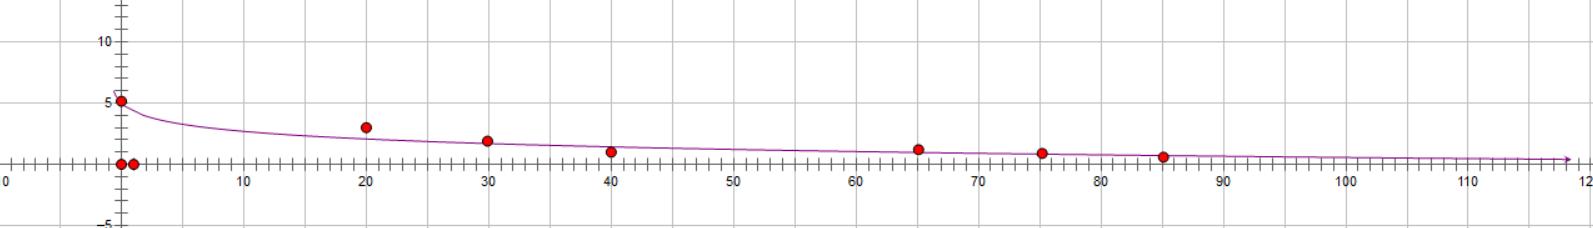 %E6%9C%80%E7%BB%88%E8%B6%8B%E5%8A%BF